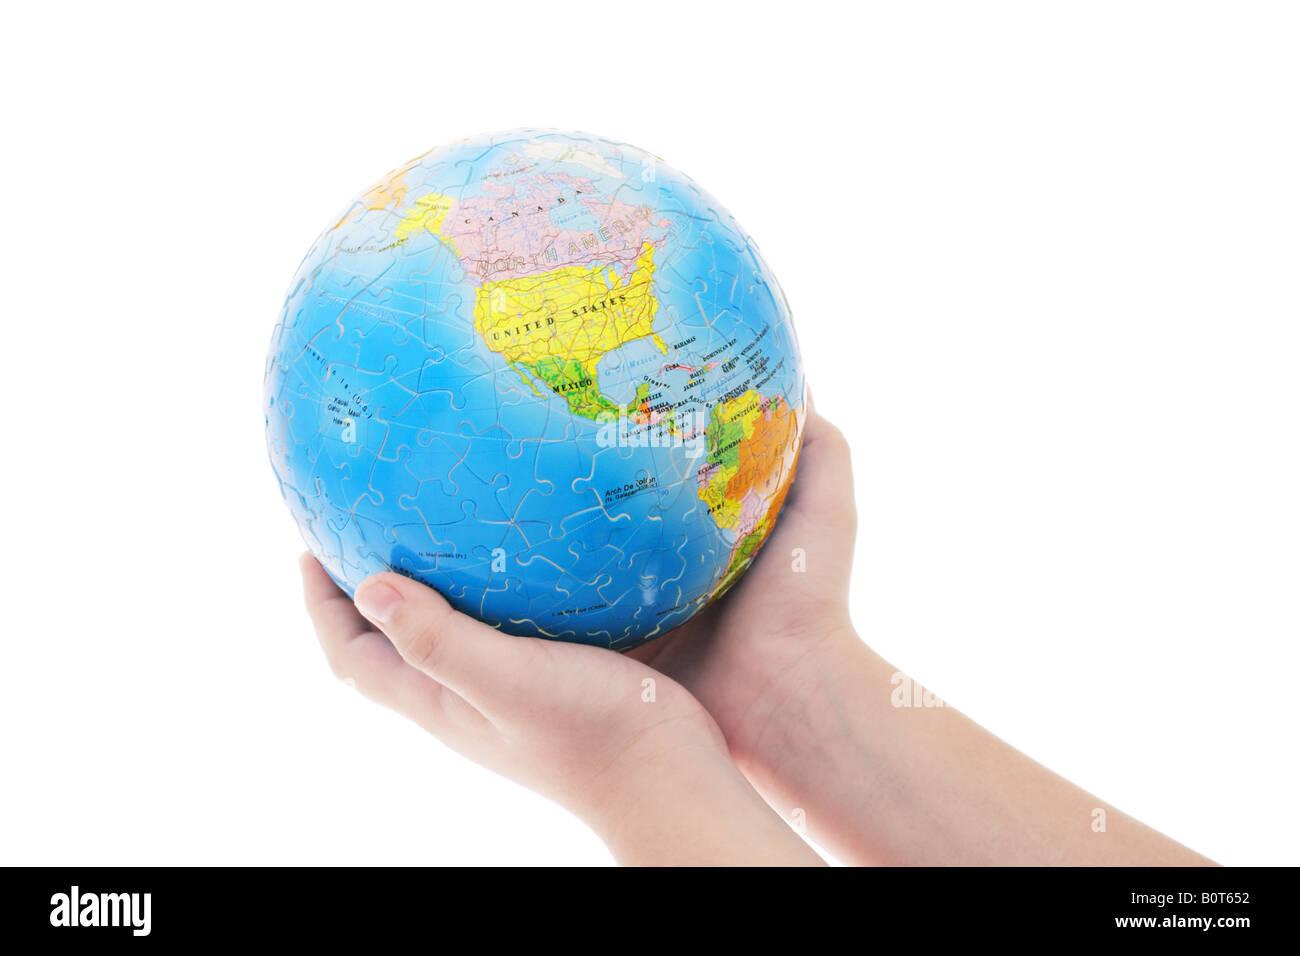 Joven s mano sujetando completó el rompecabezas del globo sobre fondo blanco. Imagen De Stock